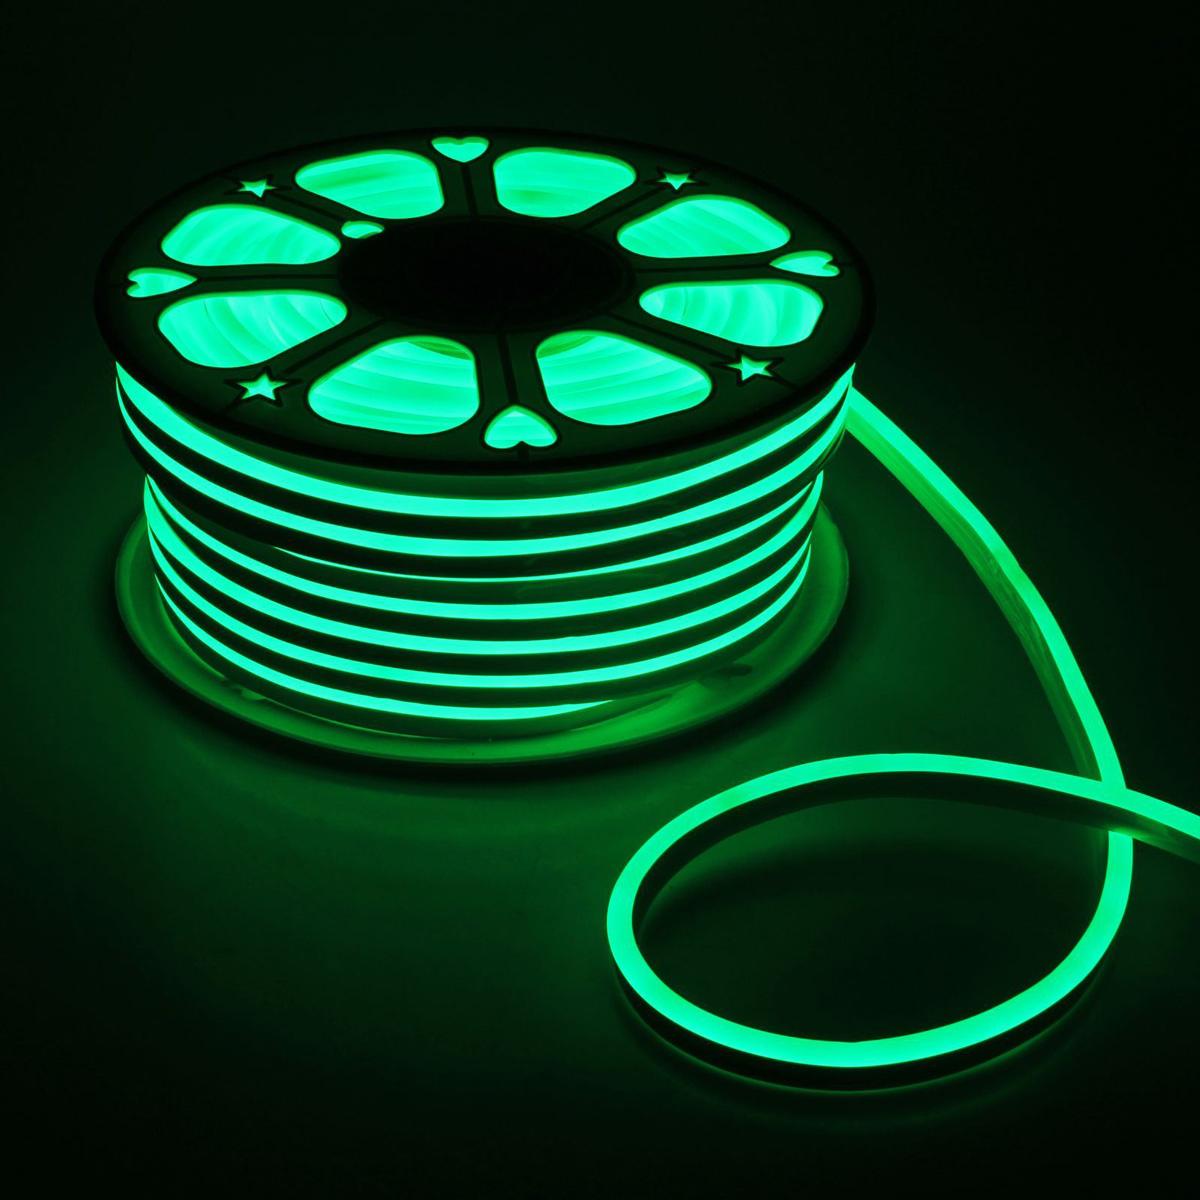 Гирлянда светодиодная Luazon, 120 ламп, 220 V, цвет: зеленый, 0,8 см х 1,6 см х 50 м. 14312621431262Светодиодные гирлянды, ленты и т.д — это отличный вариант для новогоднего оформления интерьера или фасада. С их помощью помещение любого размера можно превратить в праздничный зал, а внешние элементы зданий, украшенные ими, мгновенно станут напоминать очертания сказочного дворца. Такие украшения создают ауру предвкушения чуда. Деревья, фасады, витрины, окна и арки будто специально созданы, чтобы вы украсили их светящимися нитями.